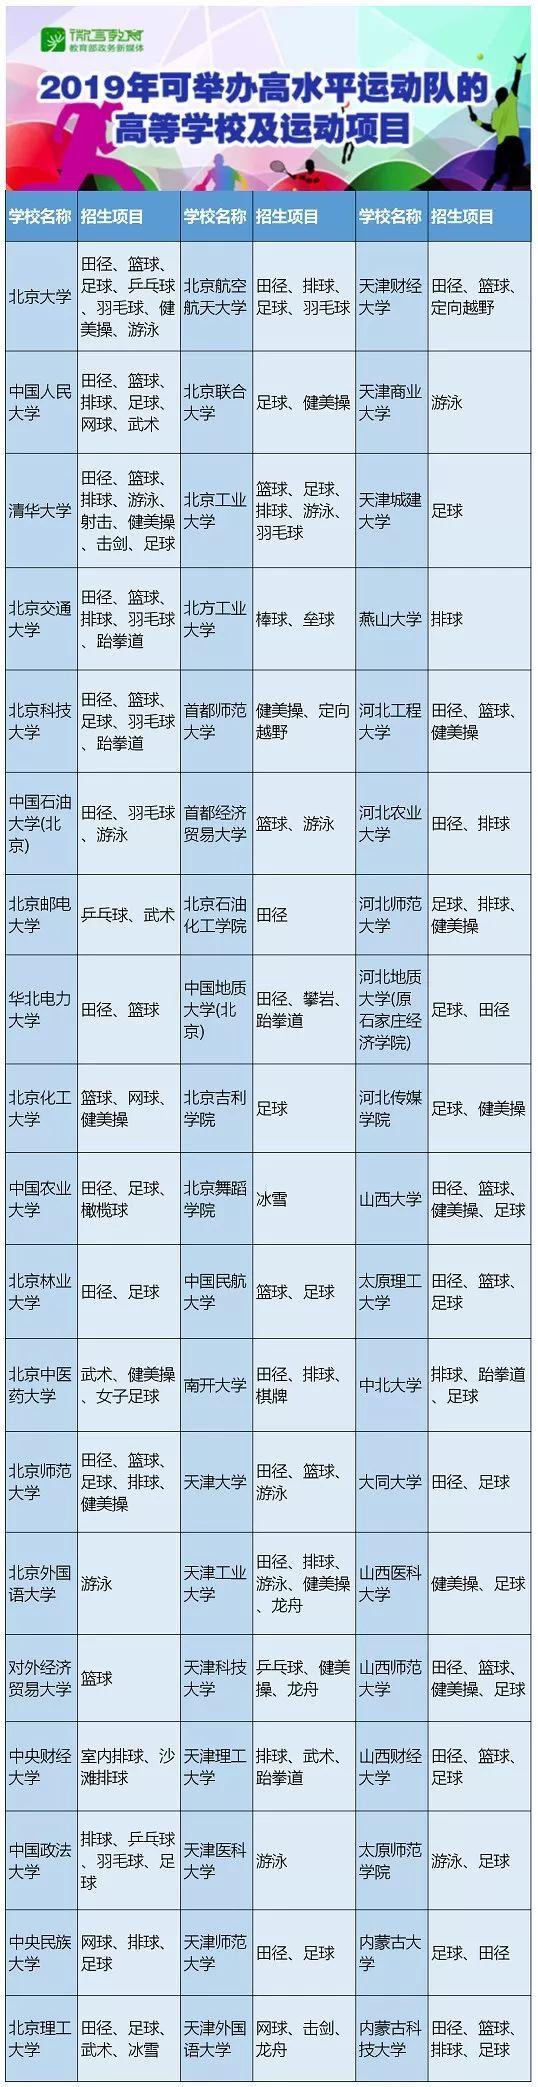 2019普通高校高水平运动队招生有调整 最新招生高校及项目看这里!